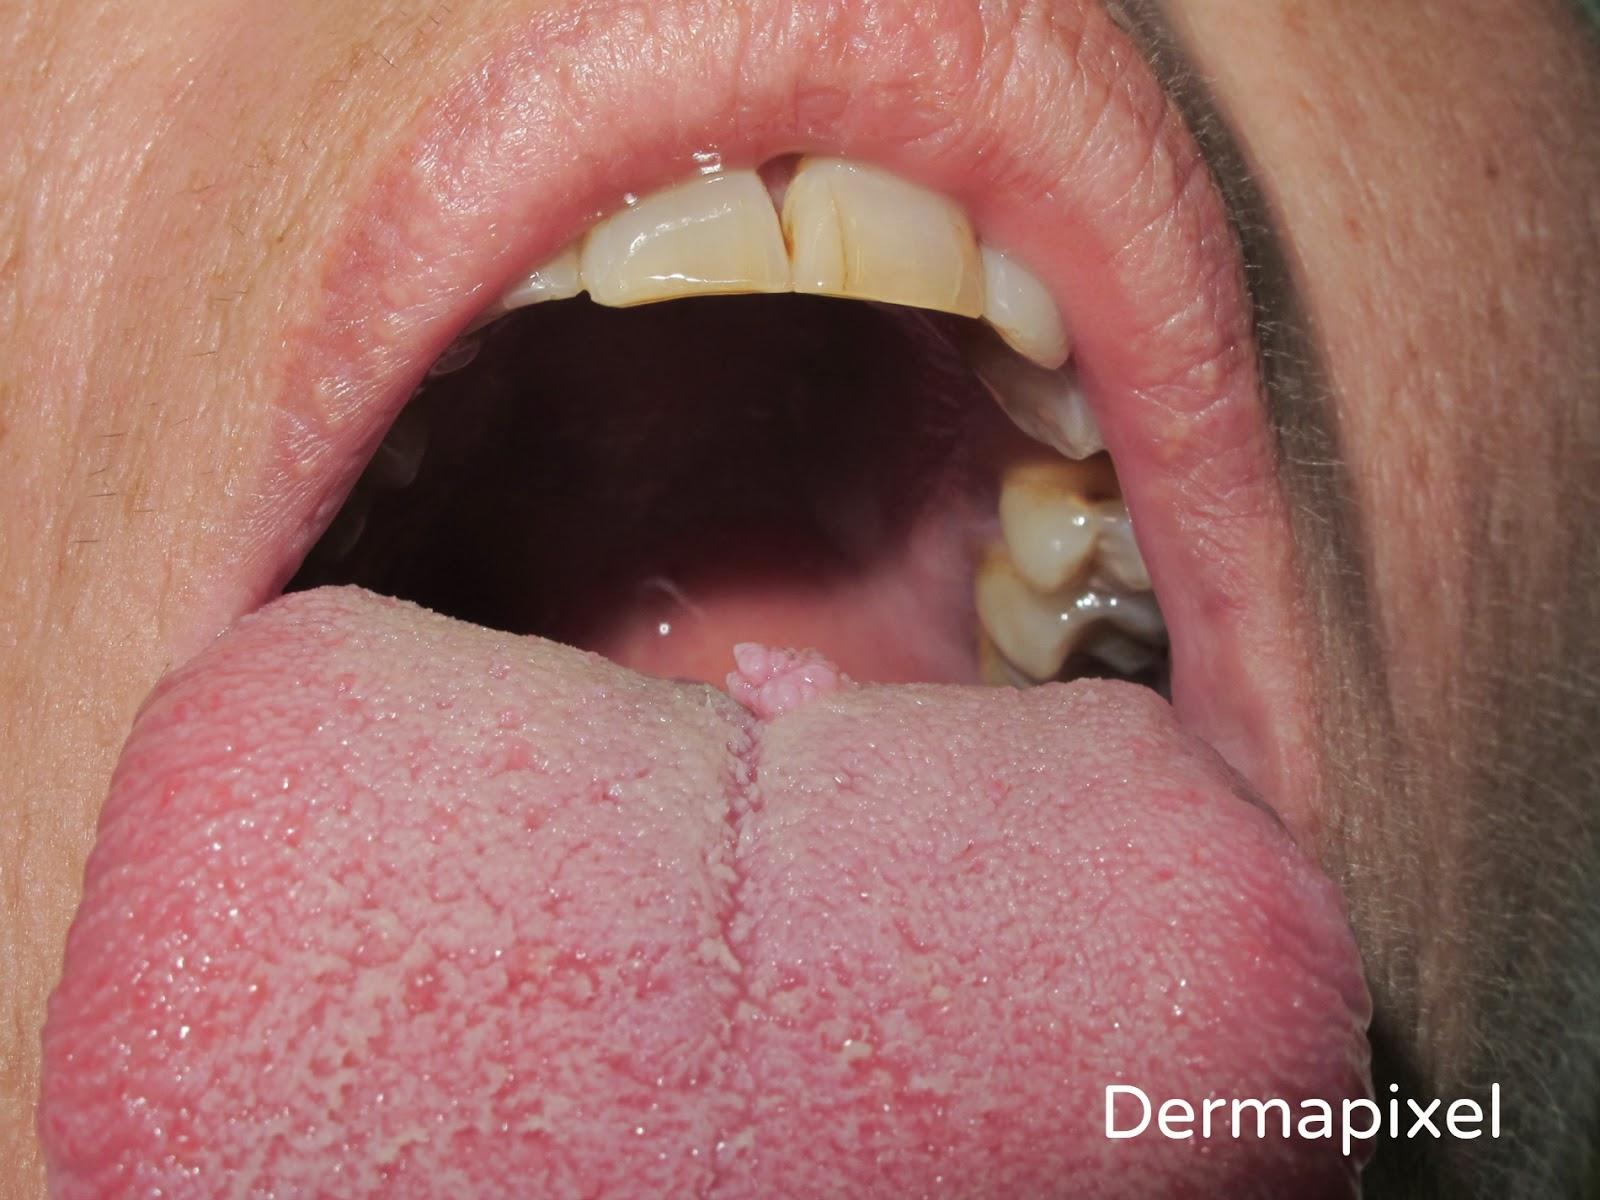 medicamente pentru boala viermilor pronounce helminthic